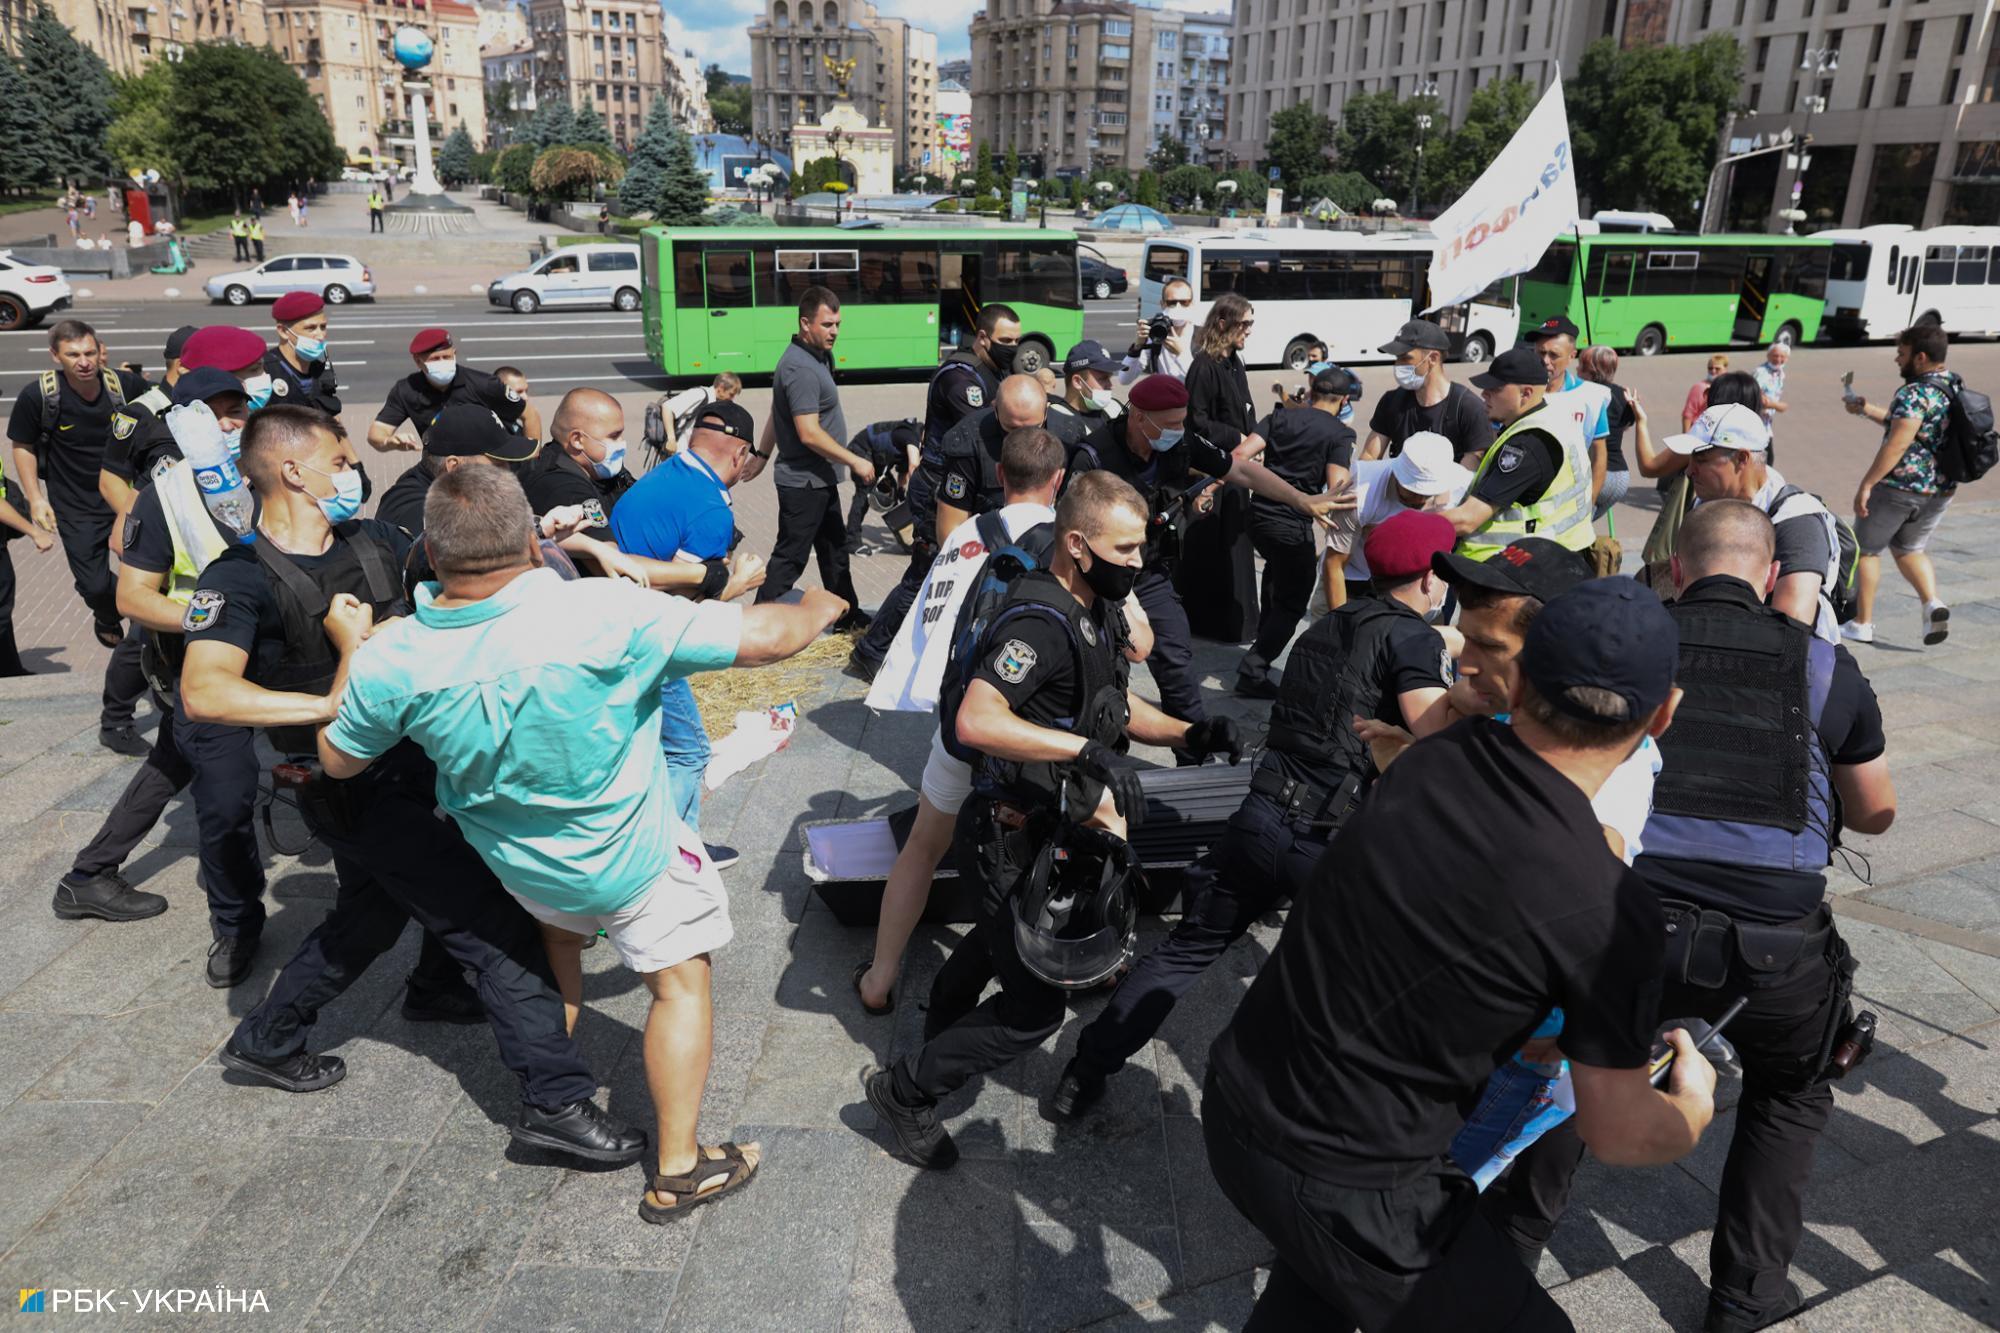 В центре Киева - массовая драка: что произошло, фото и видео